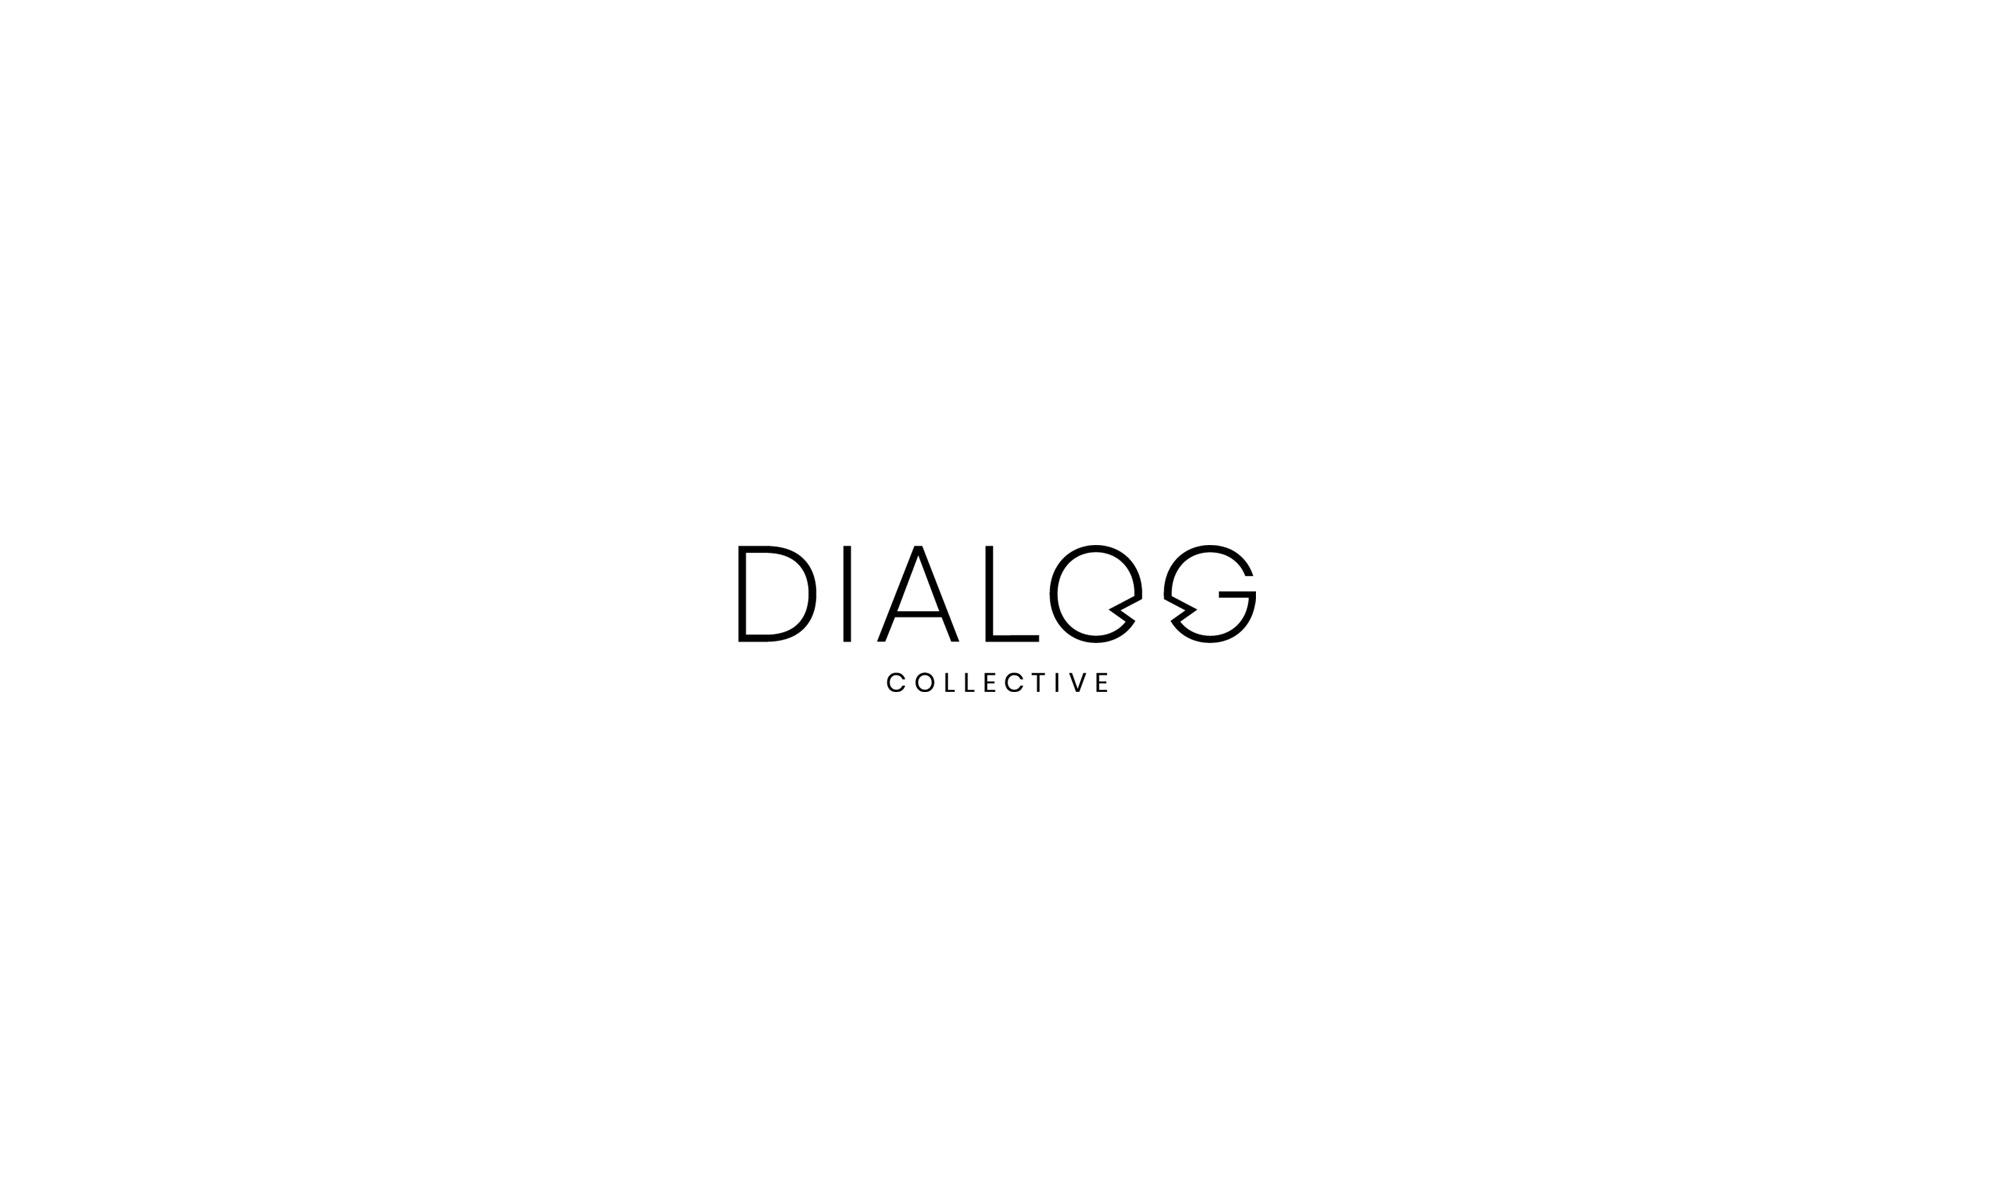 DIALOG COLLECTIVE